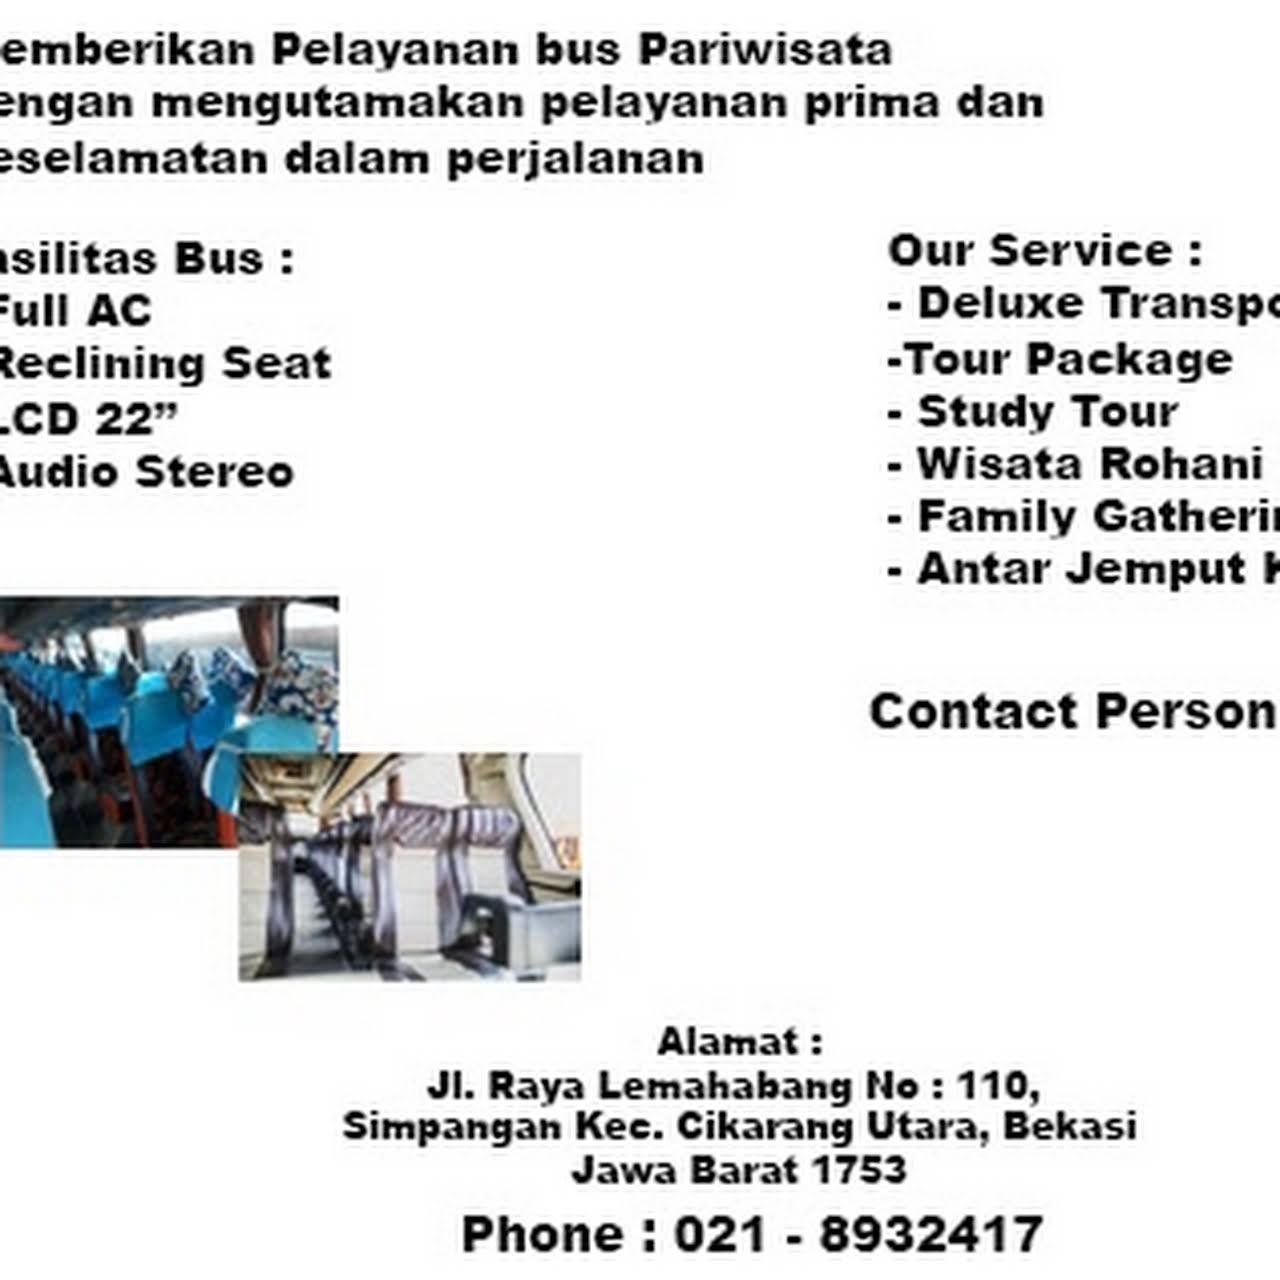 Bus Pariwisata Family Raya